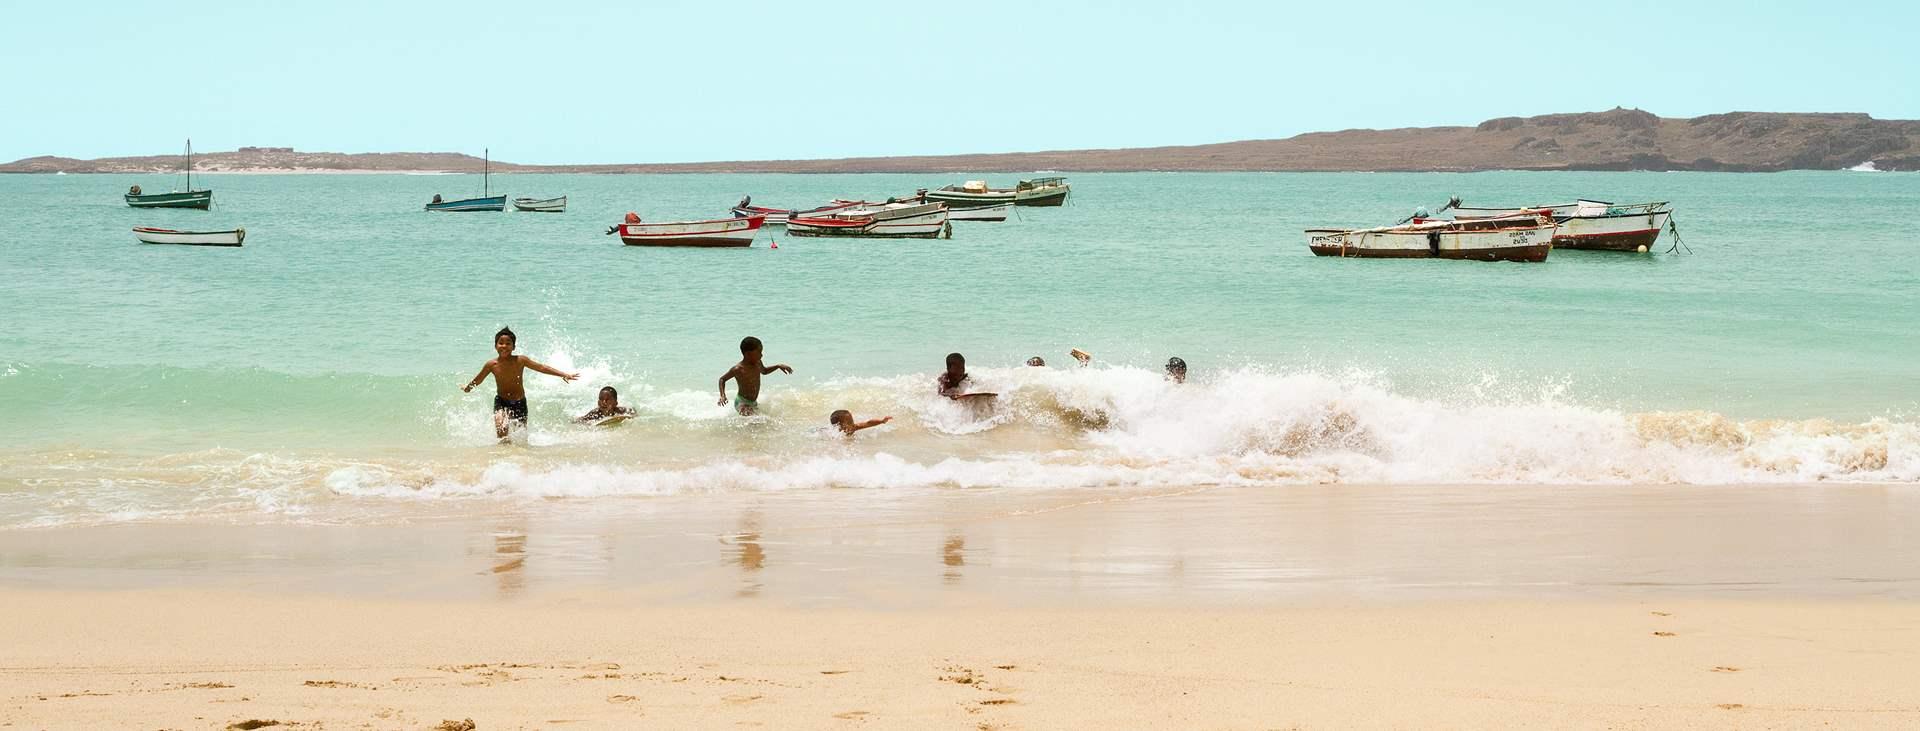 Resor till Sal Rei på ön Boa Vista i Kap Verde